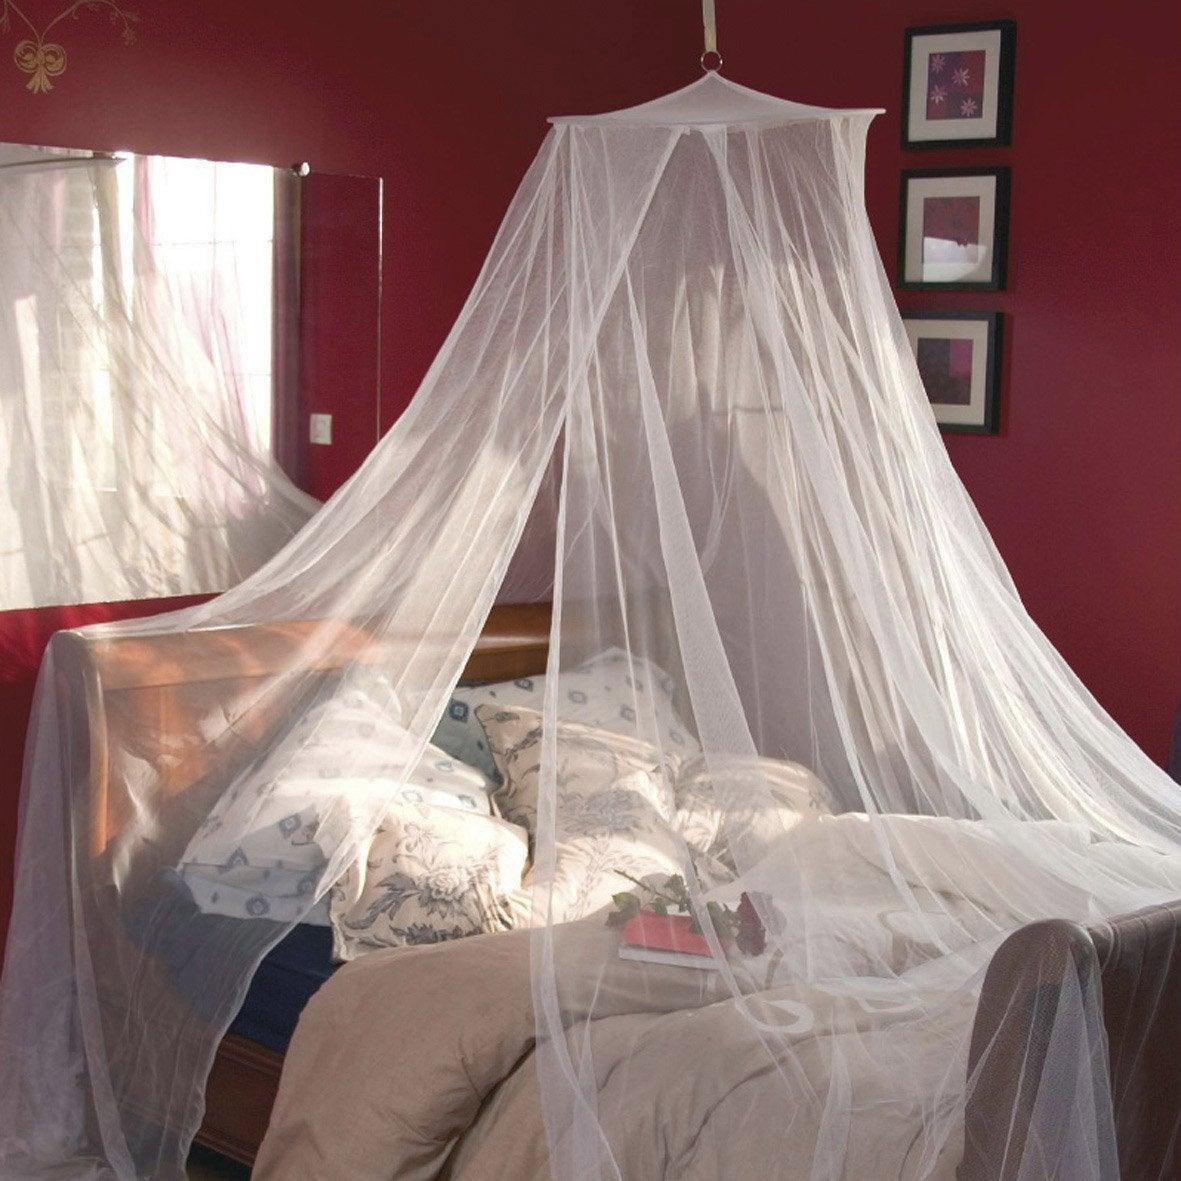 moustiquaire pour lit moskitop h220 x l850 cm - Moustiquaire De Lit